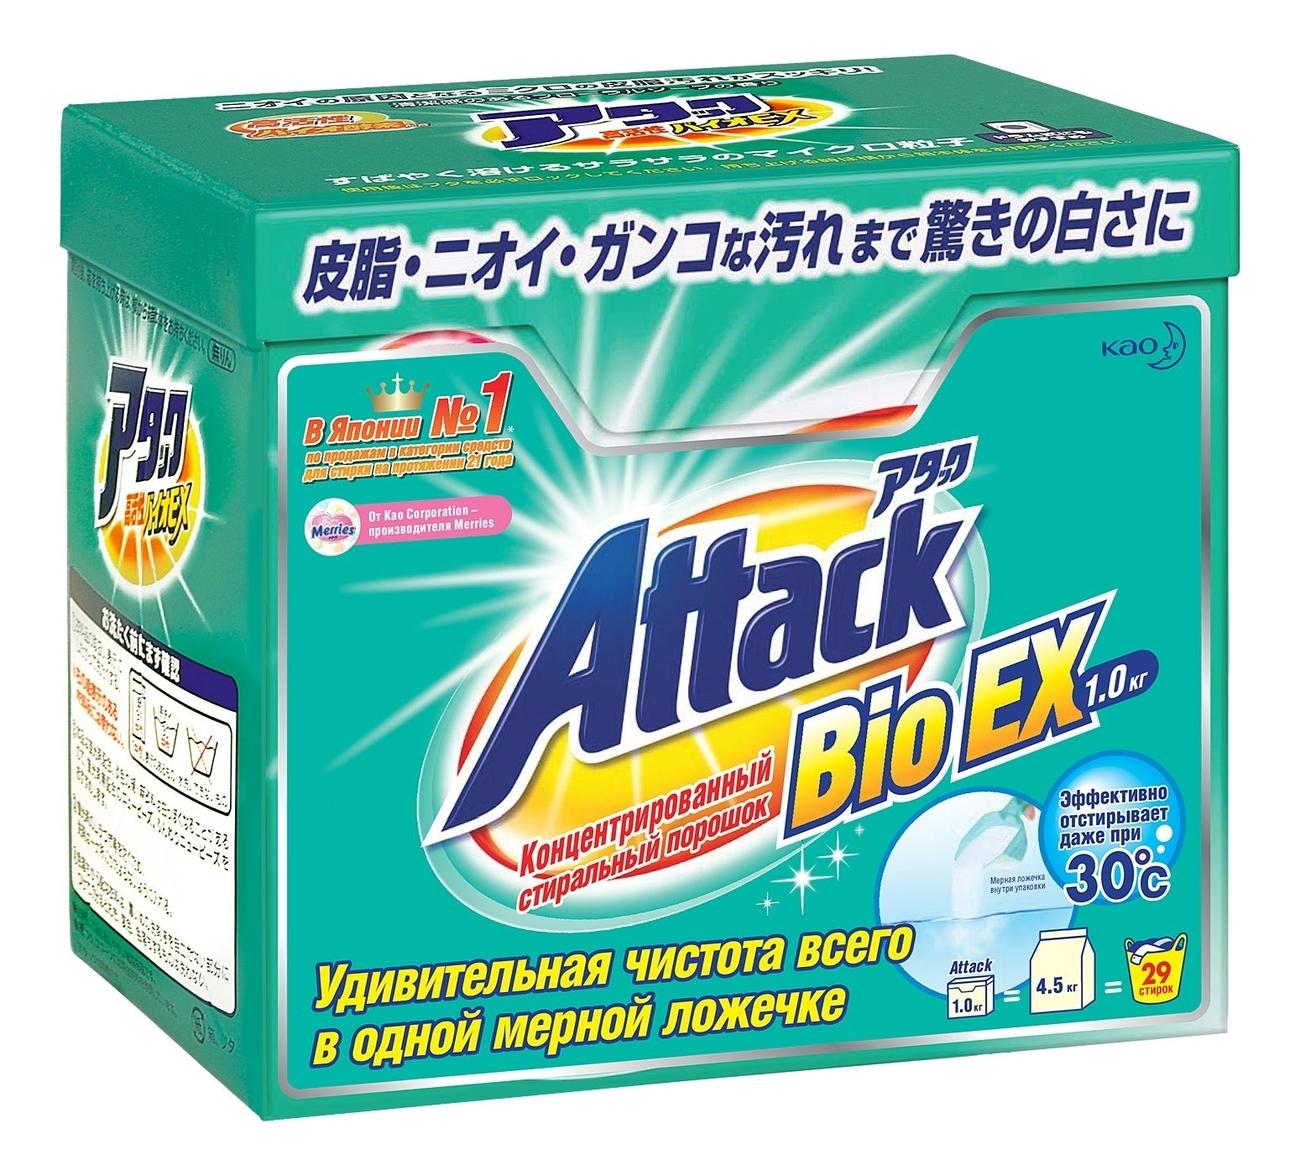 Купить Концентрированный стиральный порошок Bio EX: Порошок 900г, Attack